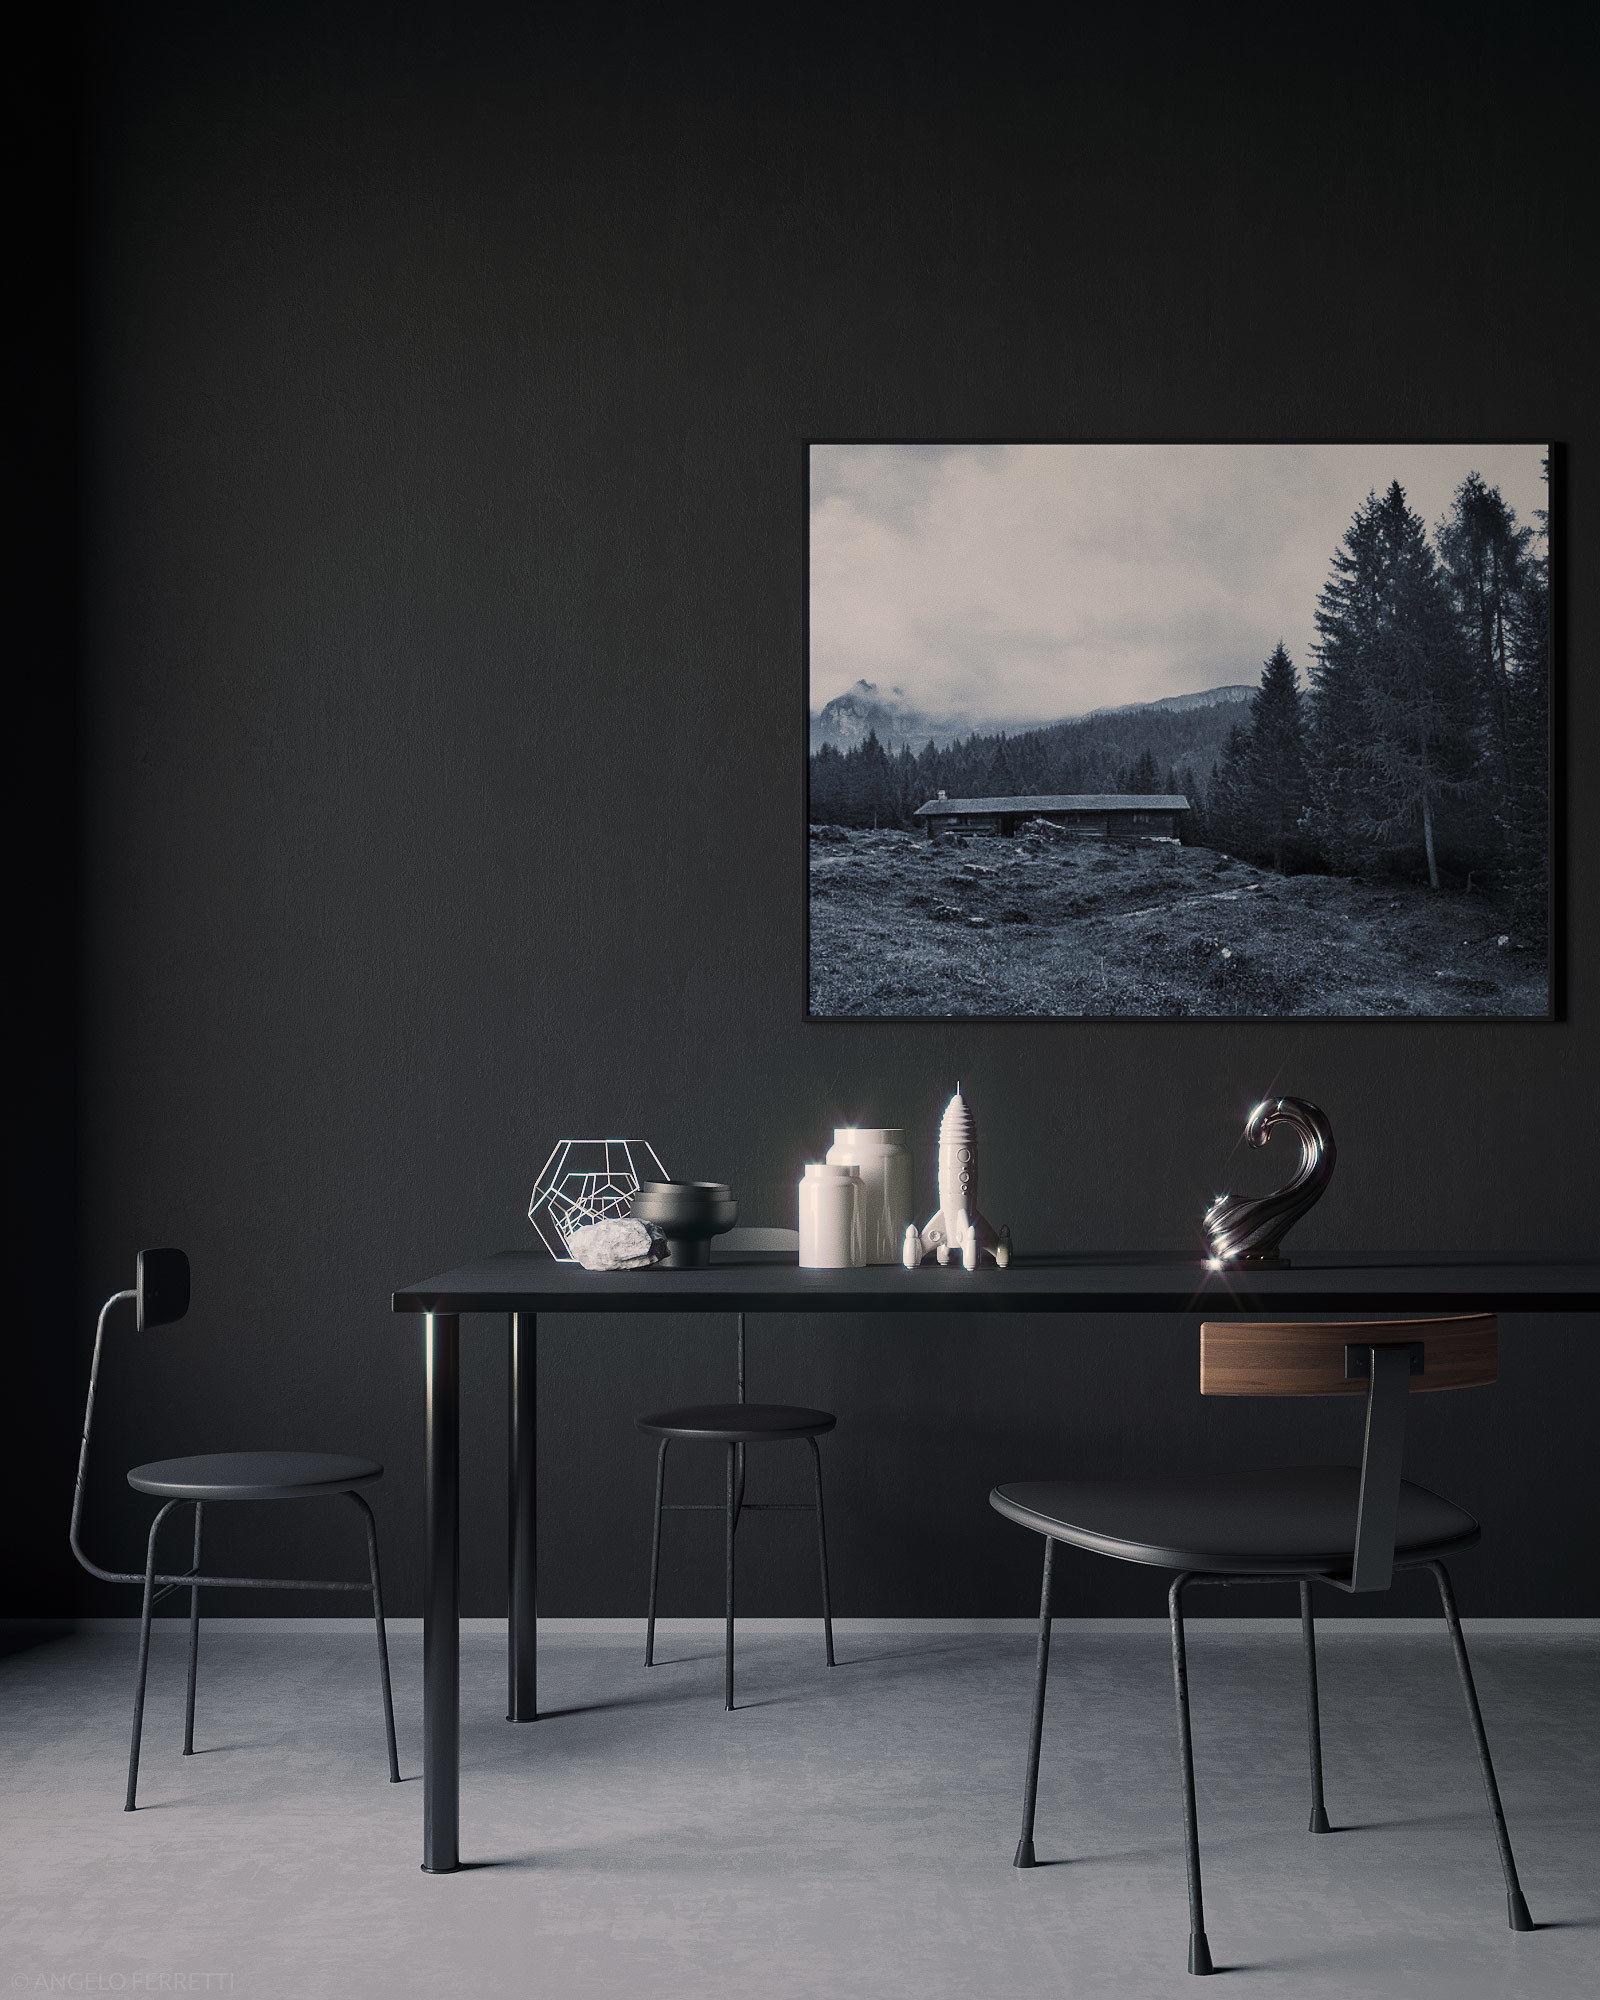 Living Room Interior Design Pdf: Black Interior Scene 3D